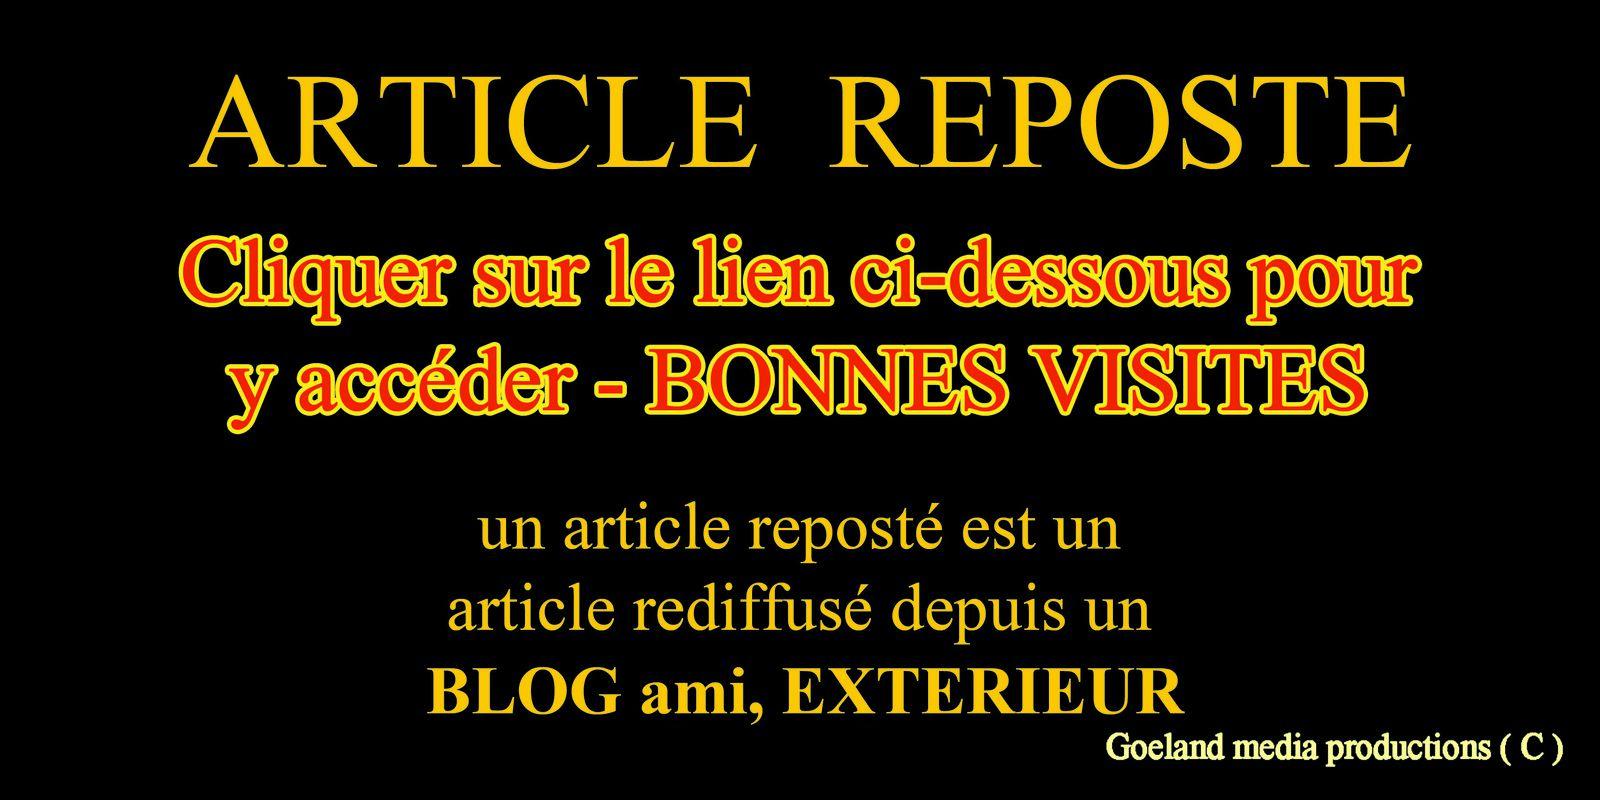 CLIQUER SUR LE LIEN CI-DESSOUS, pour accéder à l'article complet ! TANARON - PHOTOS BJ (c)